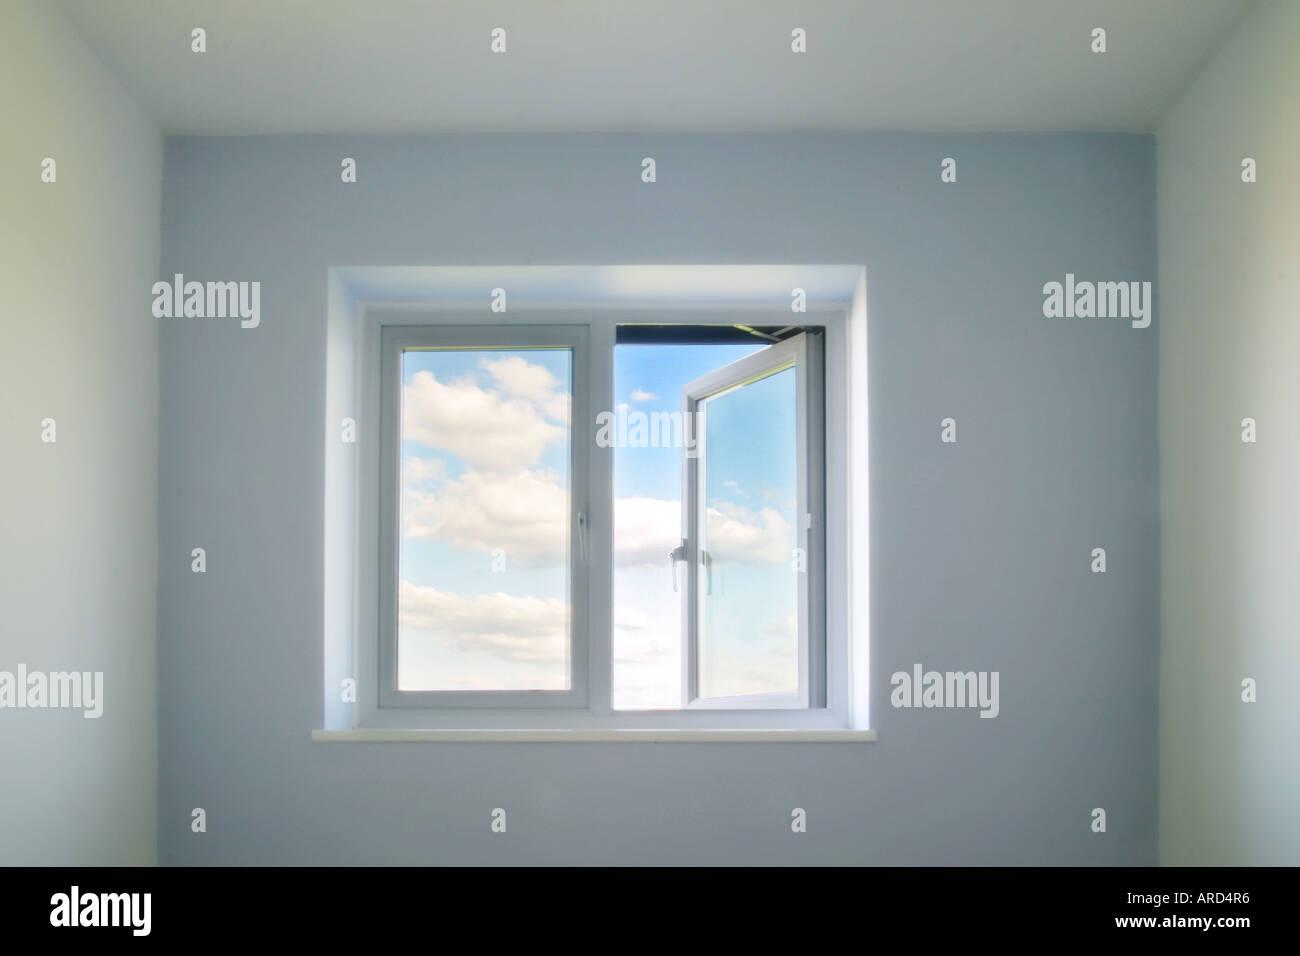 Konzept-Bild von einem ein offenes Fenster Stockbild